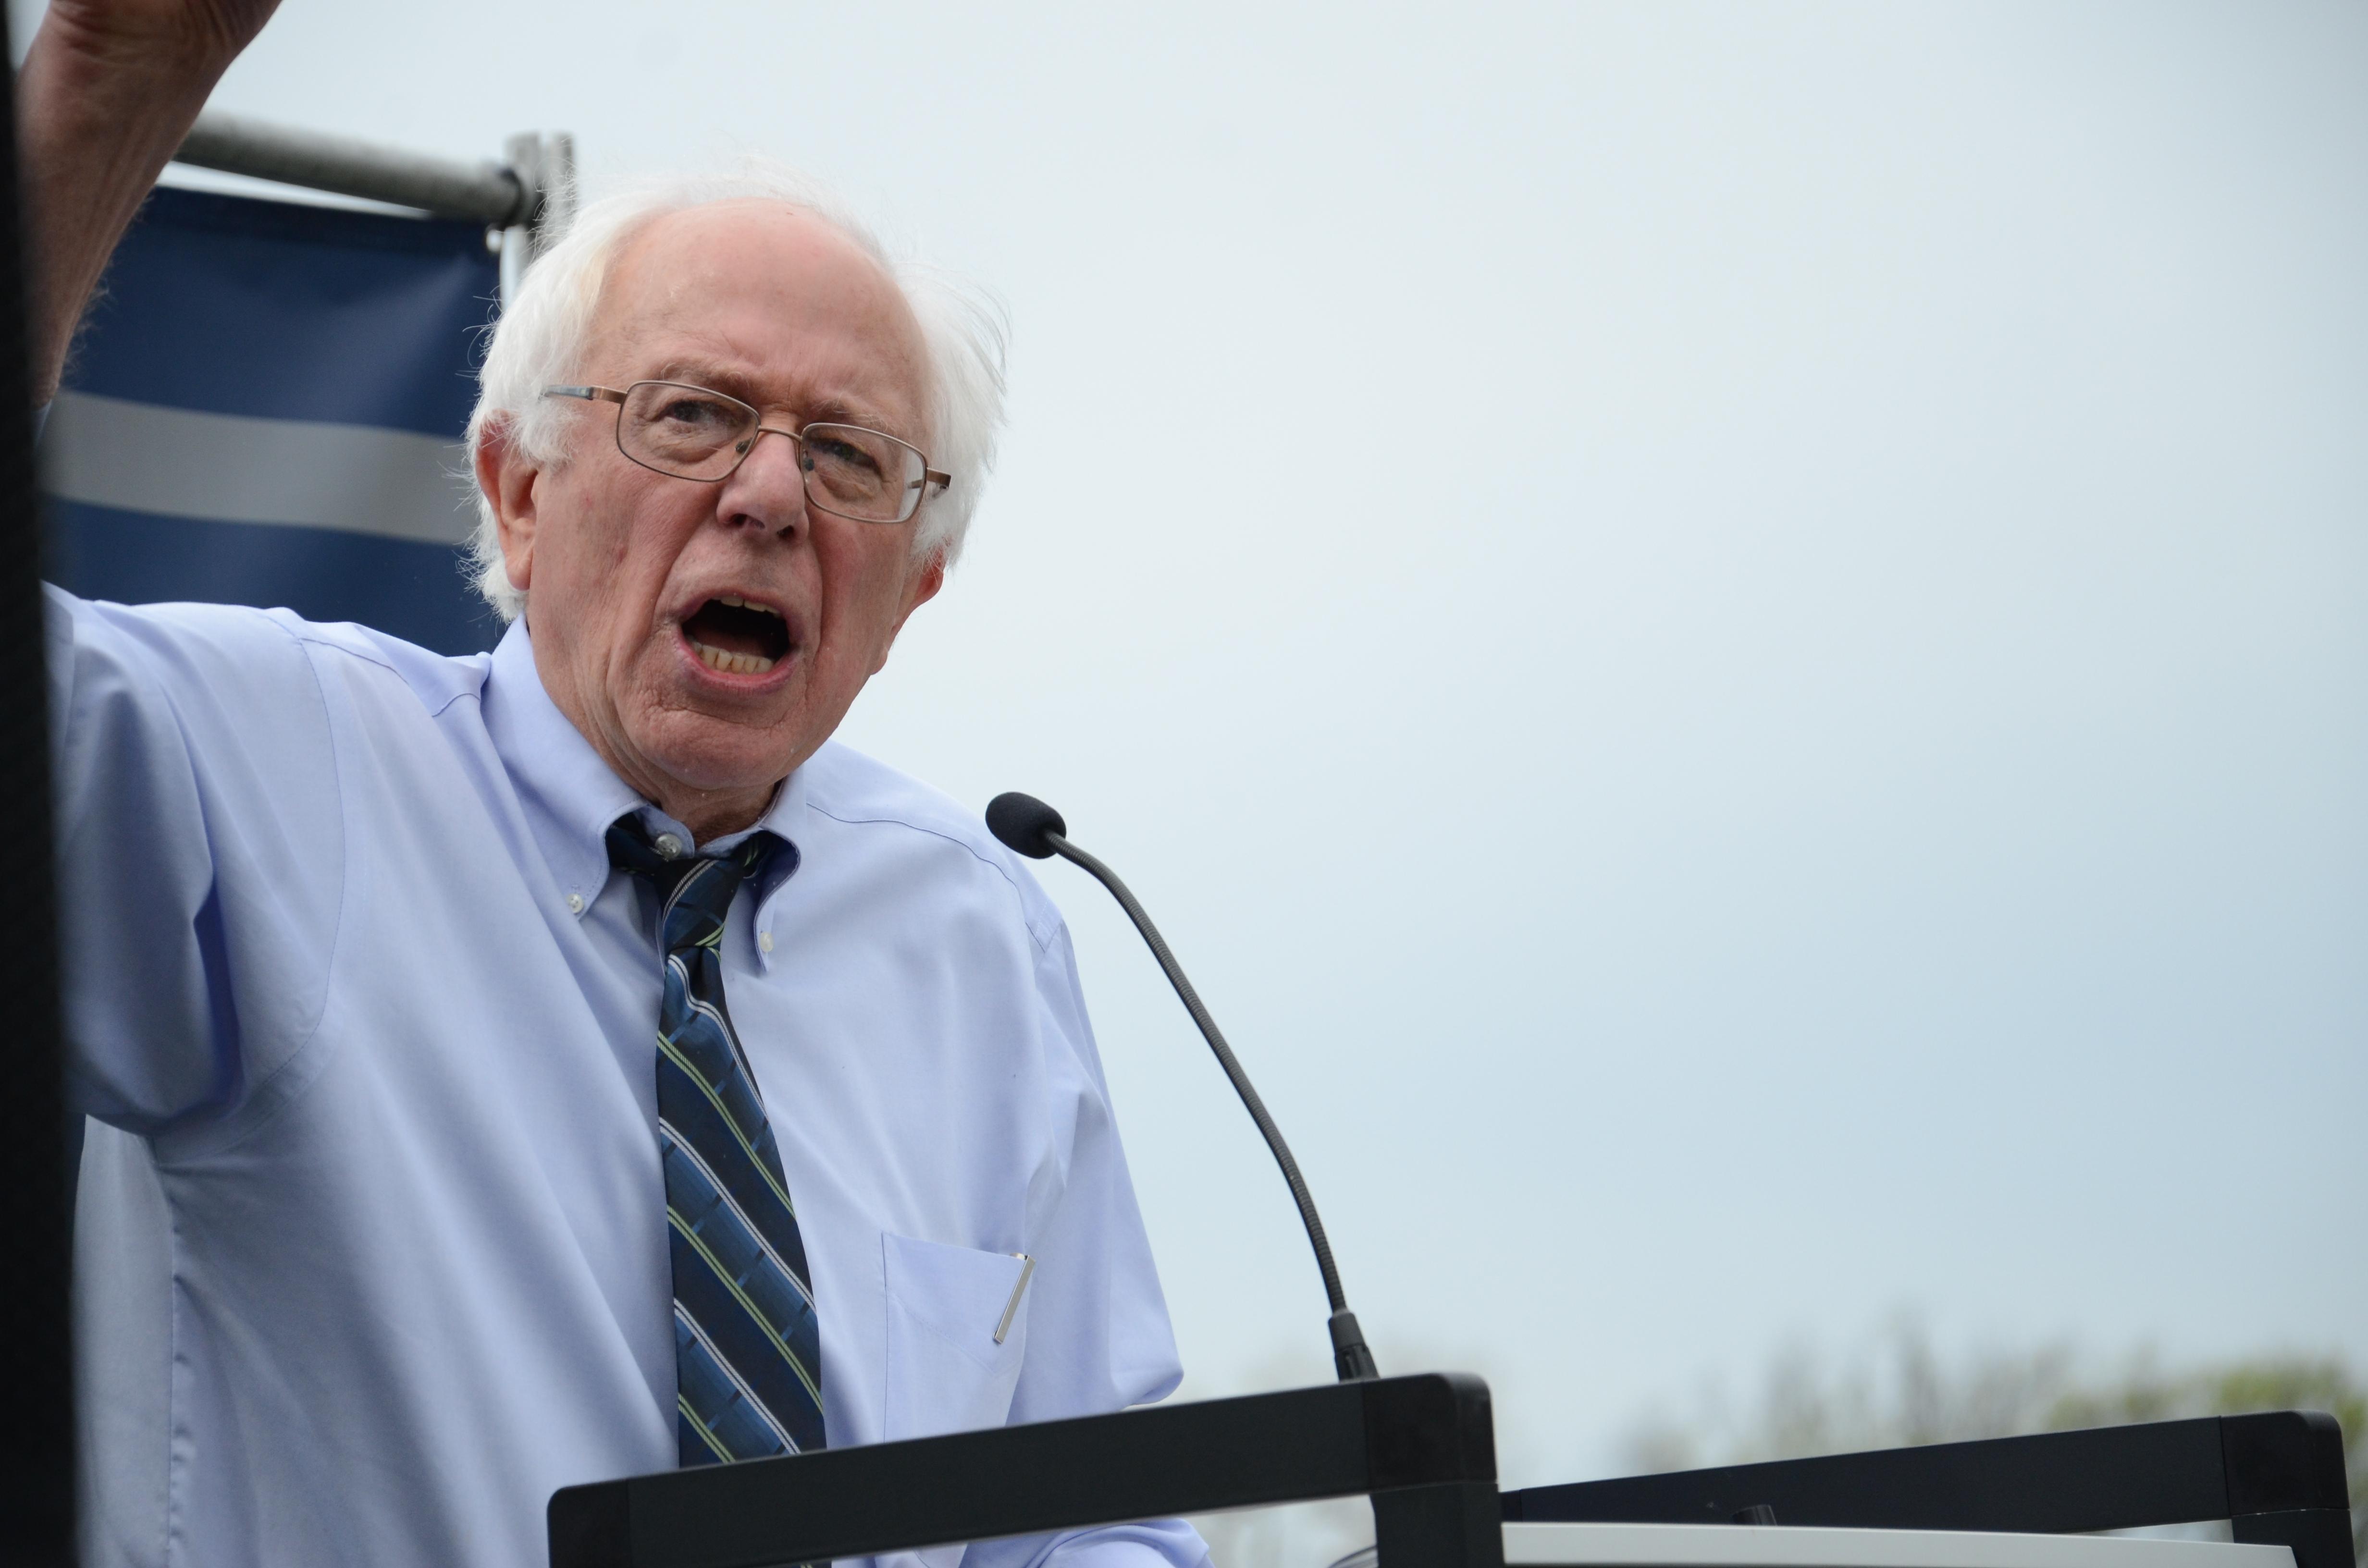 Meet the socialist running for US President